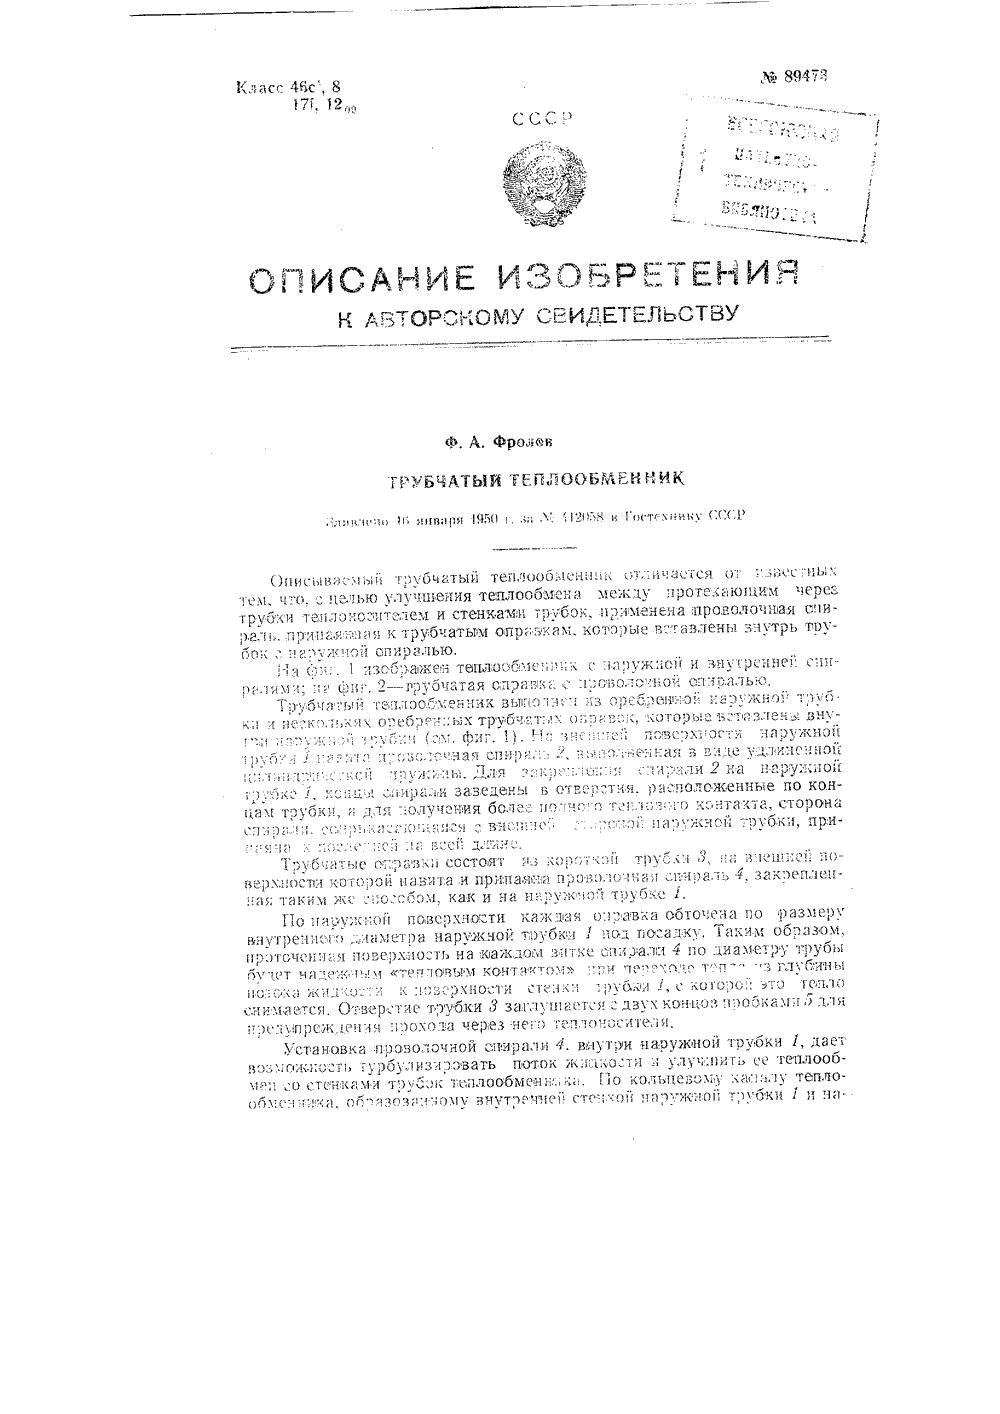 Пластины теплообменника КС 58 Москва Уплотнения теплообменника Теплохит ТИ 64 Пенза